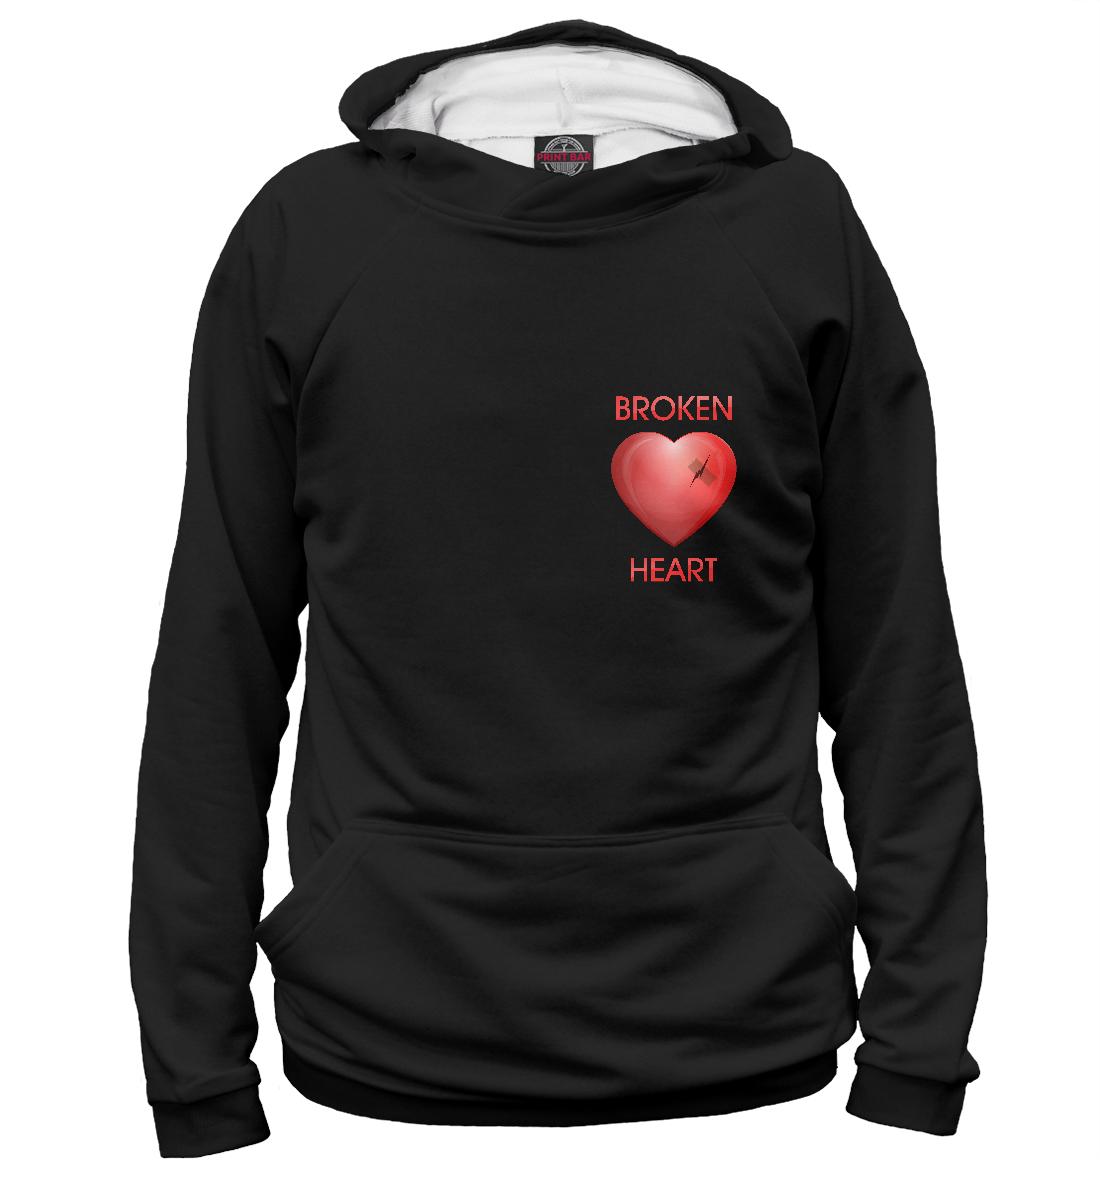 Купить Разбитое сердце, Printbar, Худи, SRD-239713-hud-1